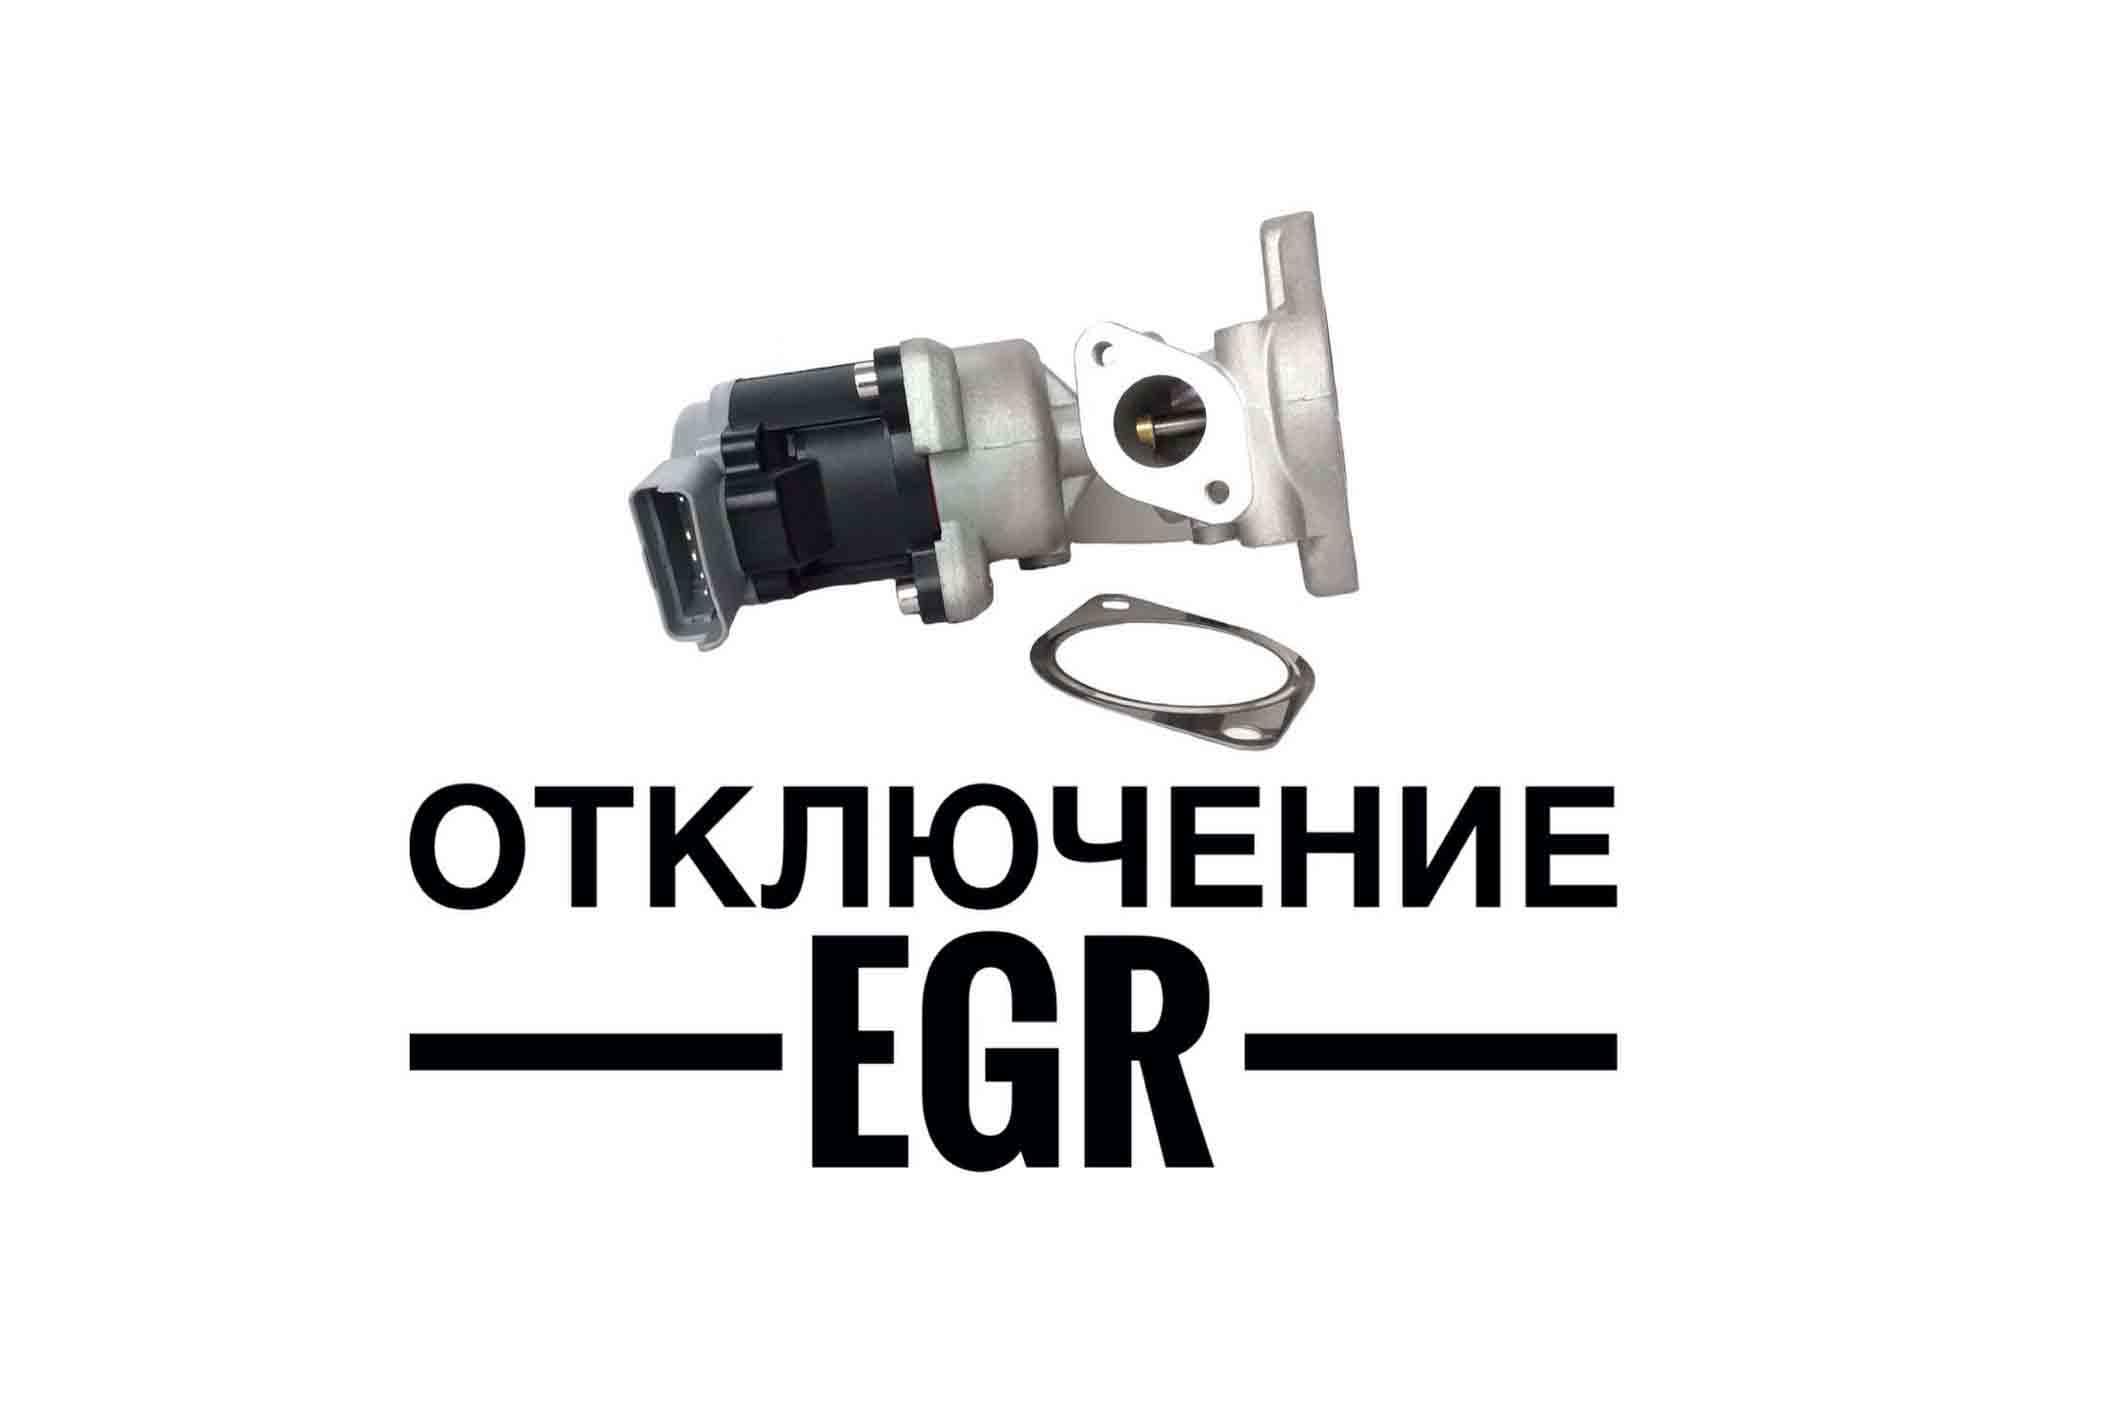 Отключение EGR для Land Rover плюсы и минусы